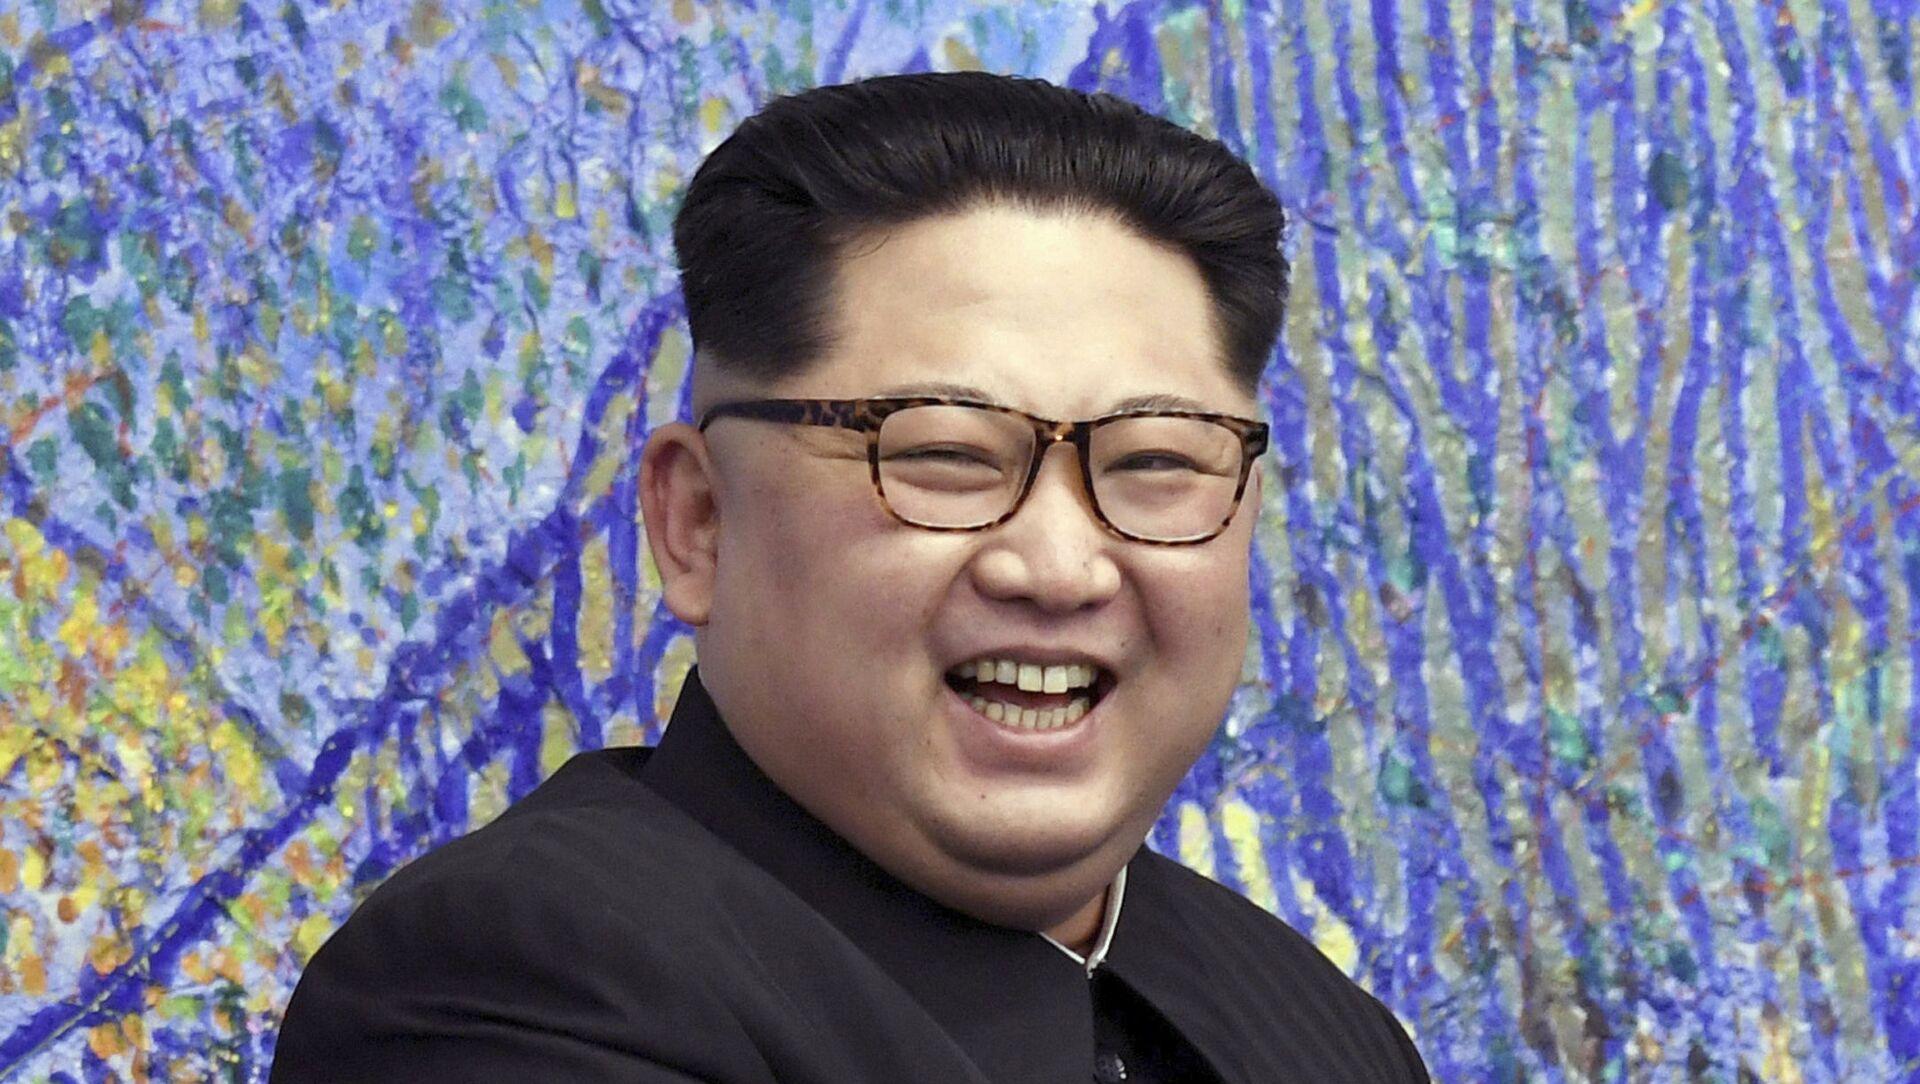 Przywódca Korei Północnej Kim Dzong Un - Sputnik Polska, 1920, 14.03.2021